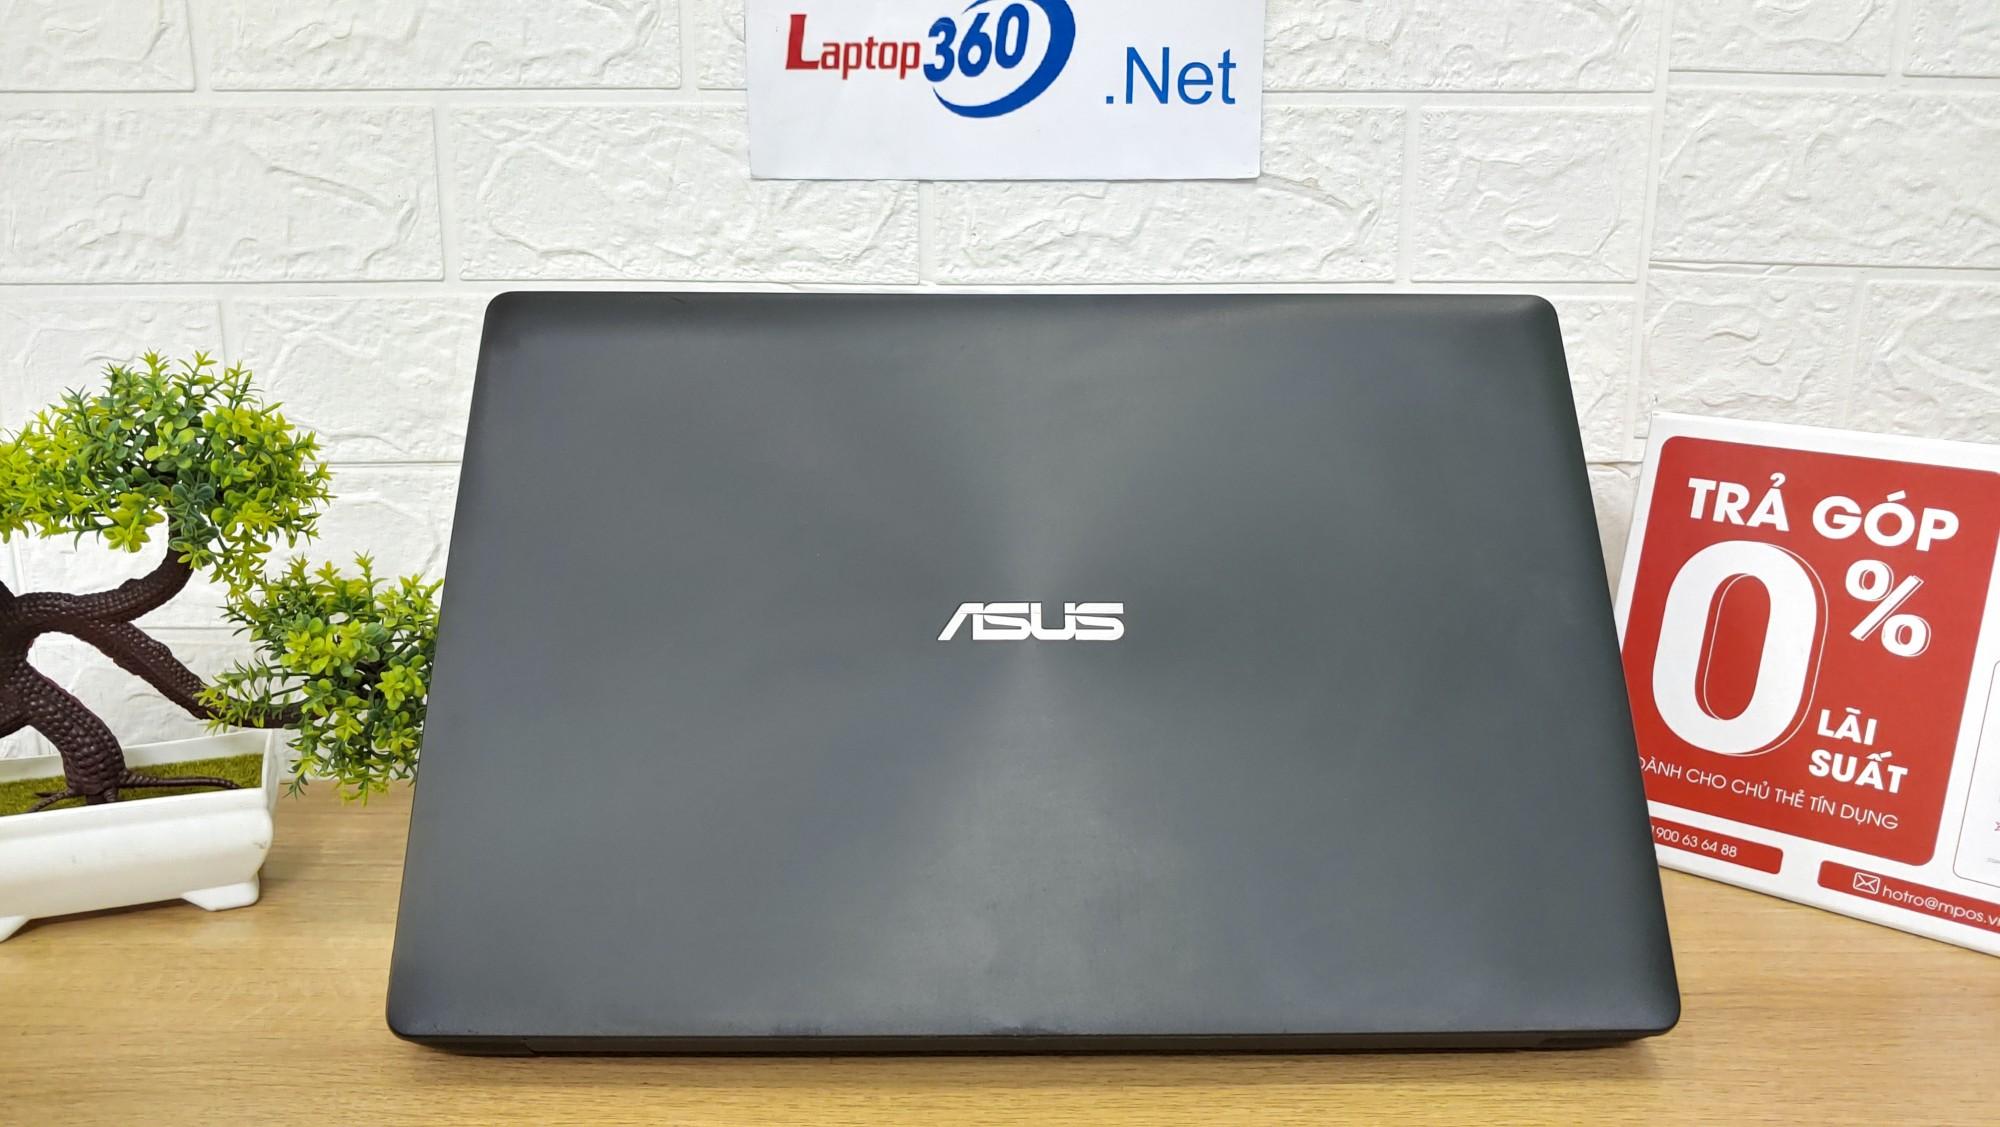 Laptop Asus X553